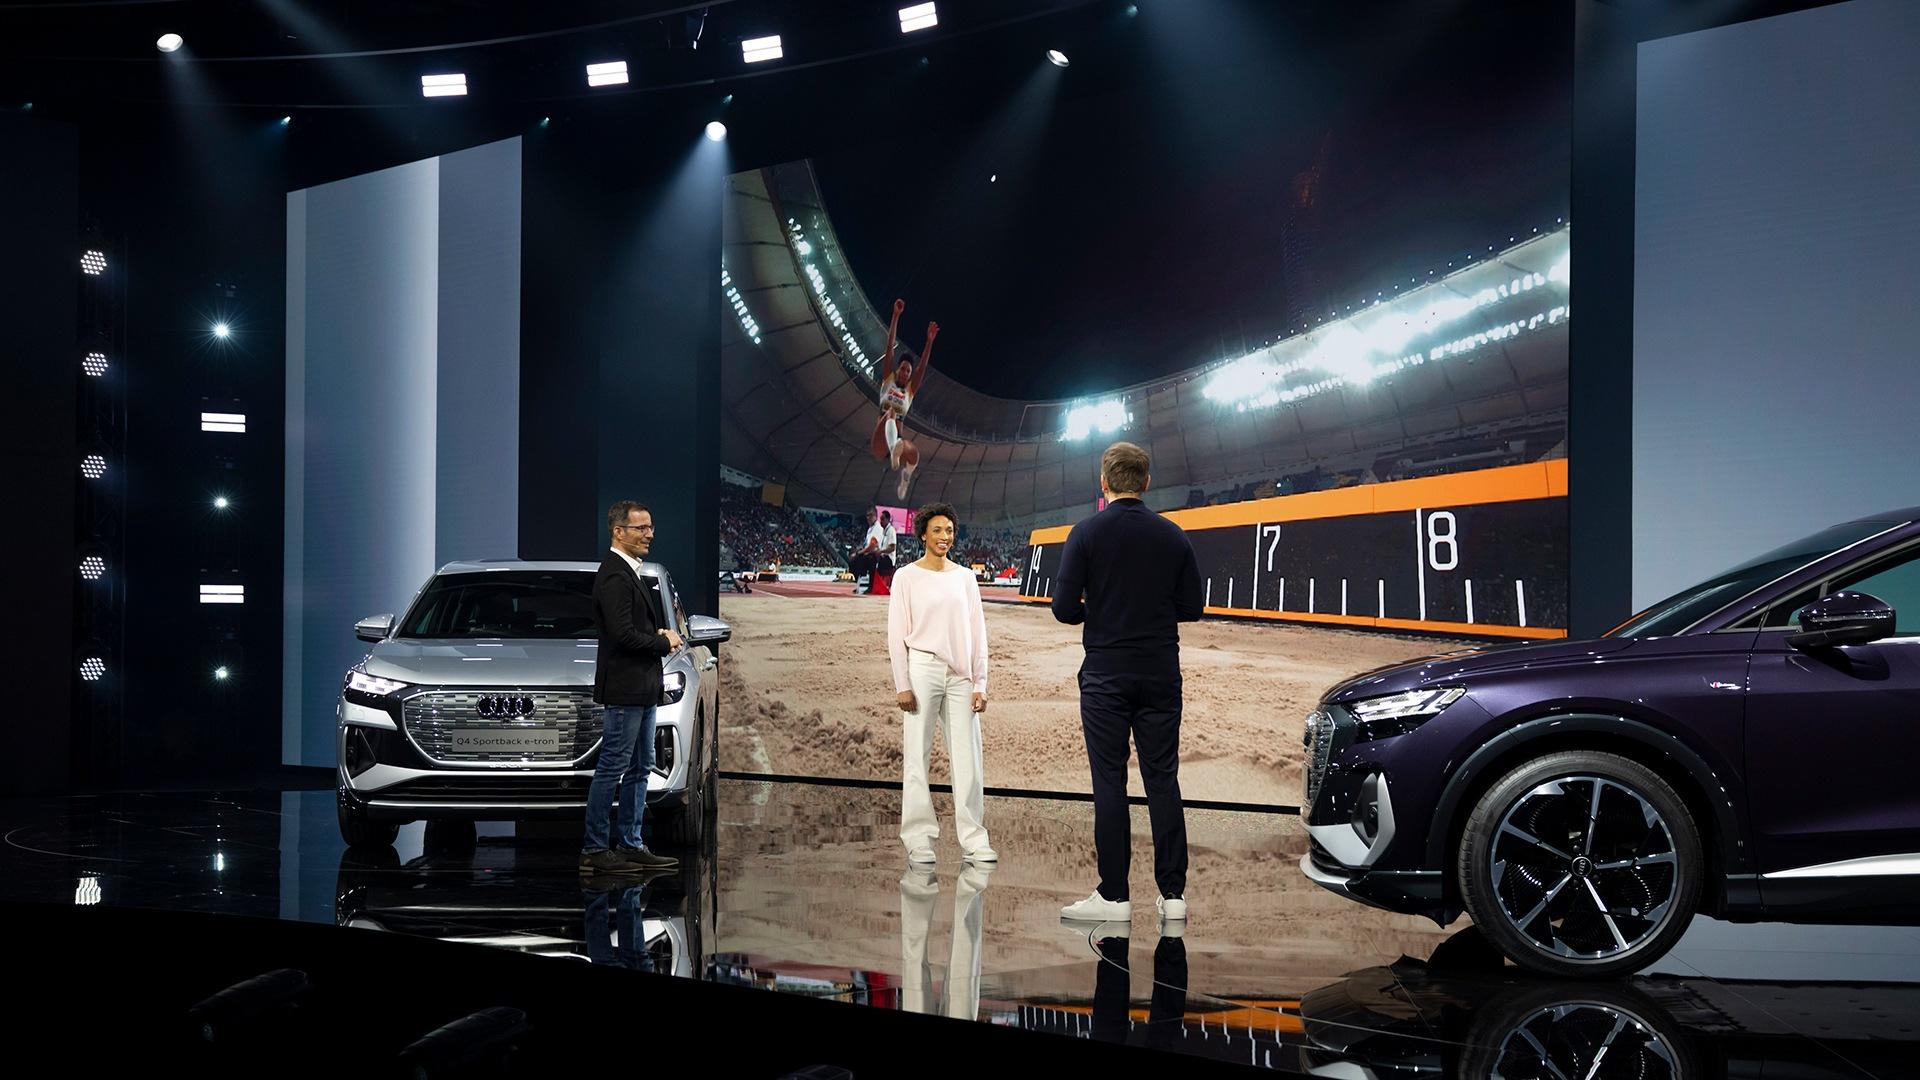 Atletinja Malaika Mihambo je bila ena od fantastičnih gostij na dogodku. Z povezovalcem Stevenom Gätjenom in Marcusom Keithom, vodjem tehnologije e-trona, se je pogovarjala o napredku in svojih izkušnjah športnice.